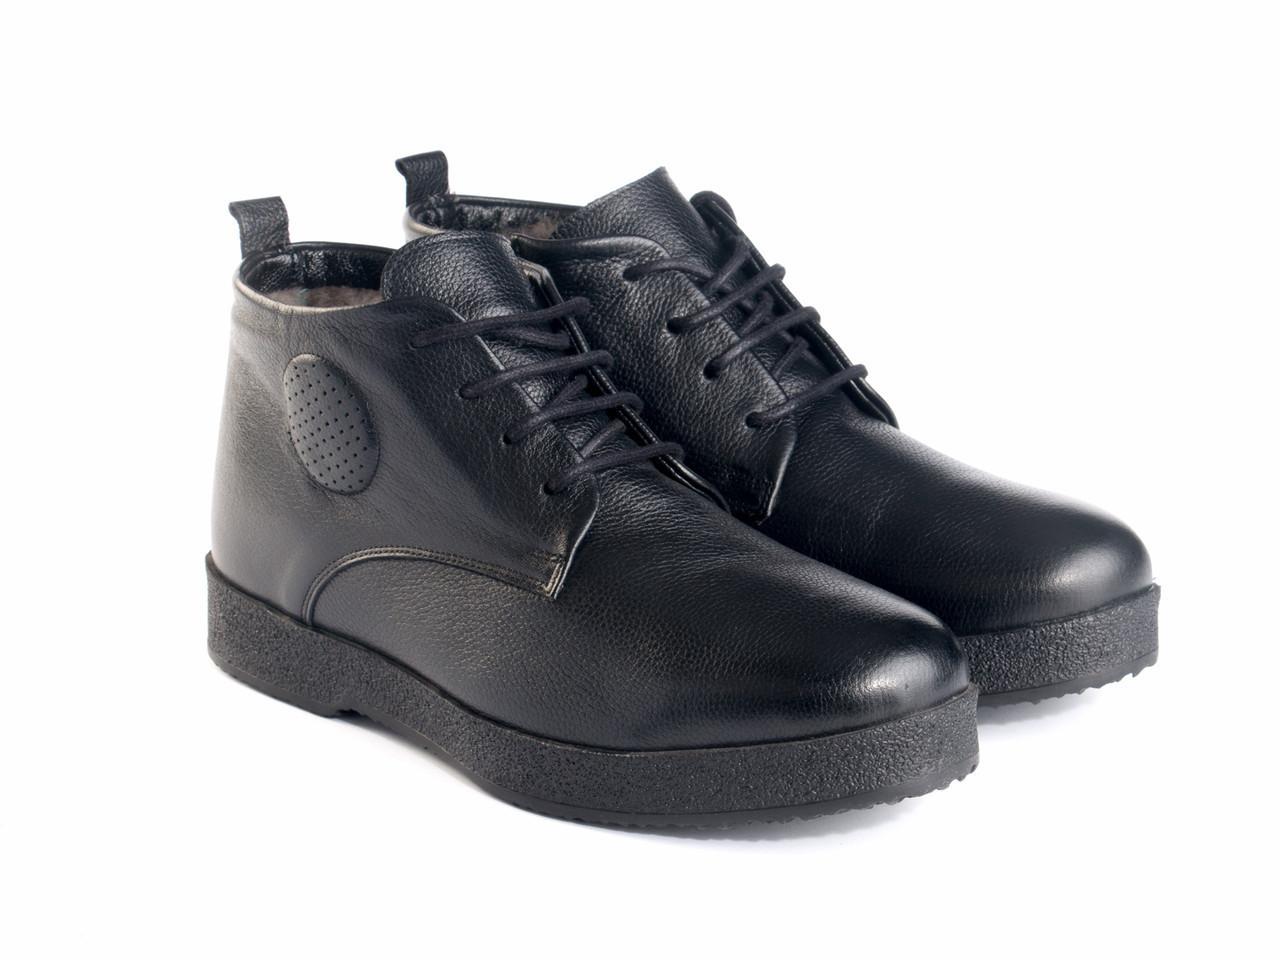 Ботинки Etor 13902-4510 43 черные